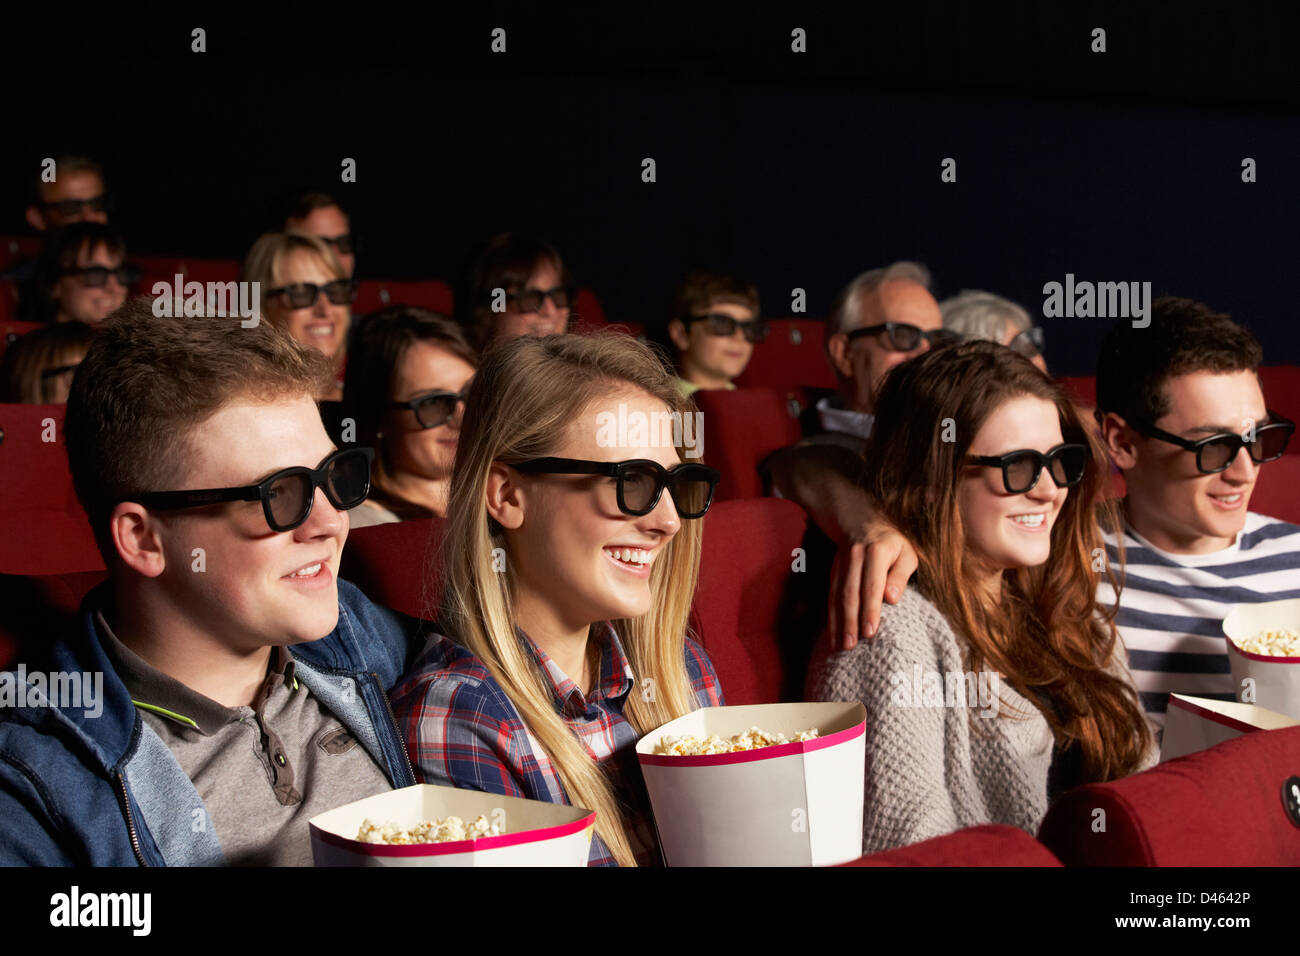 Gruppo di amici adolescenti guardando film 3D nei cinema Immagini Stock